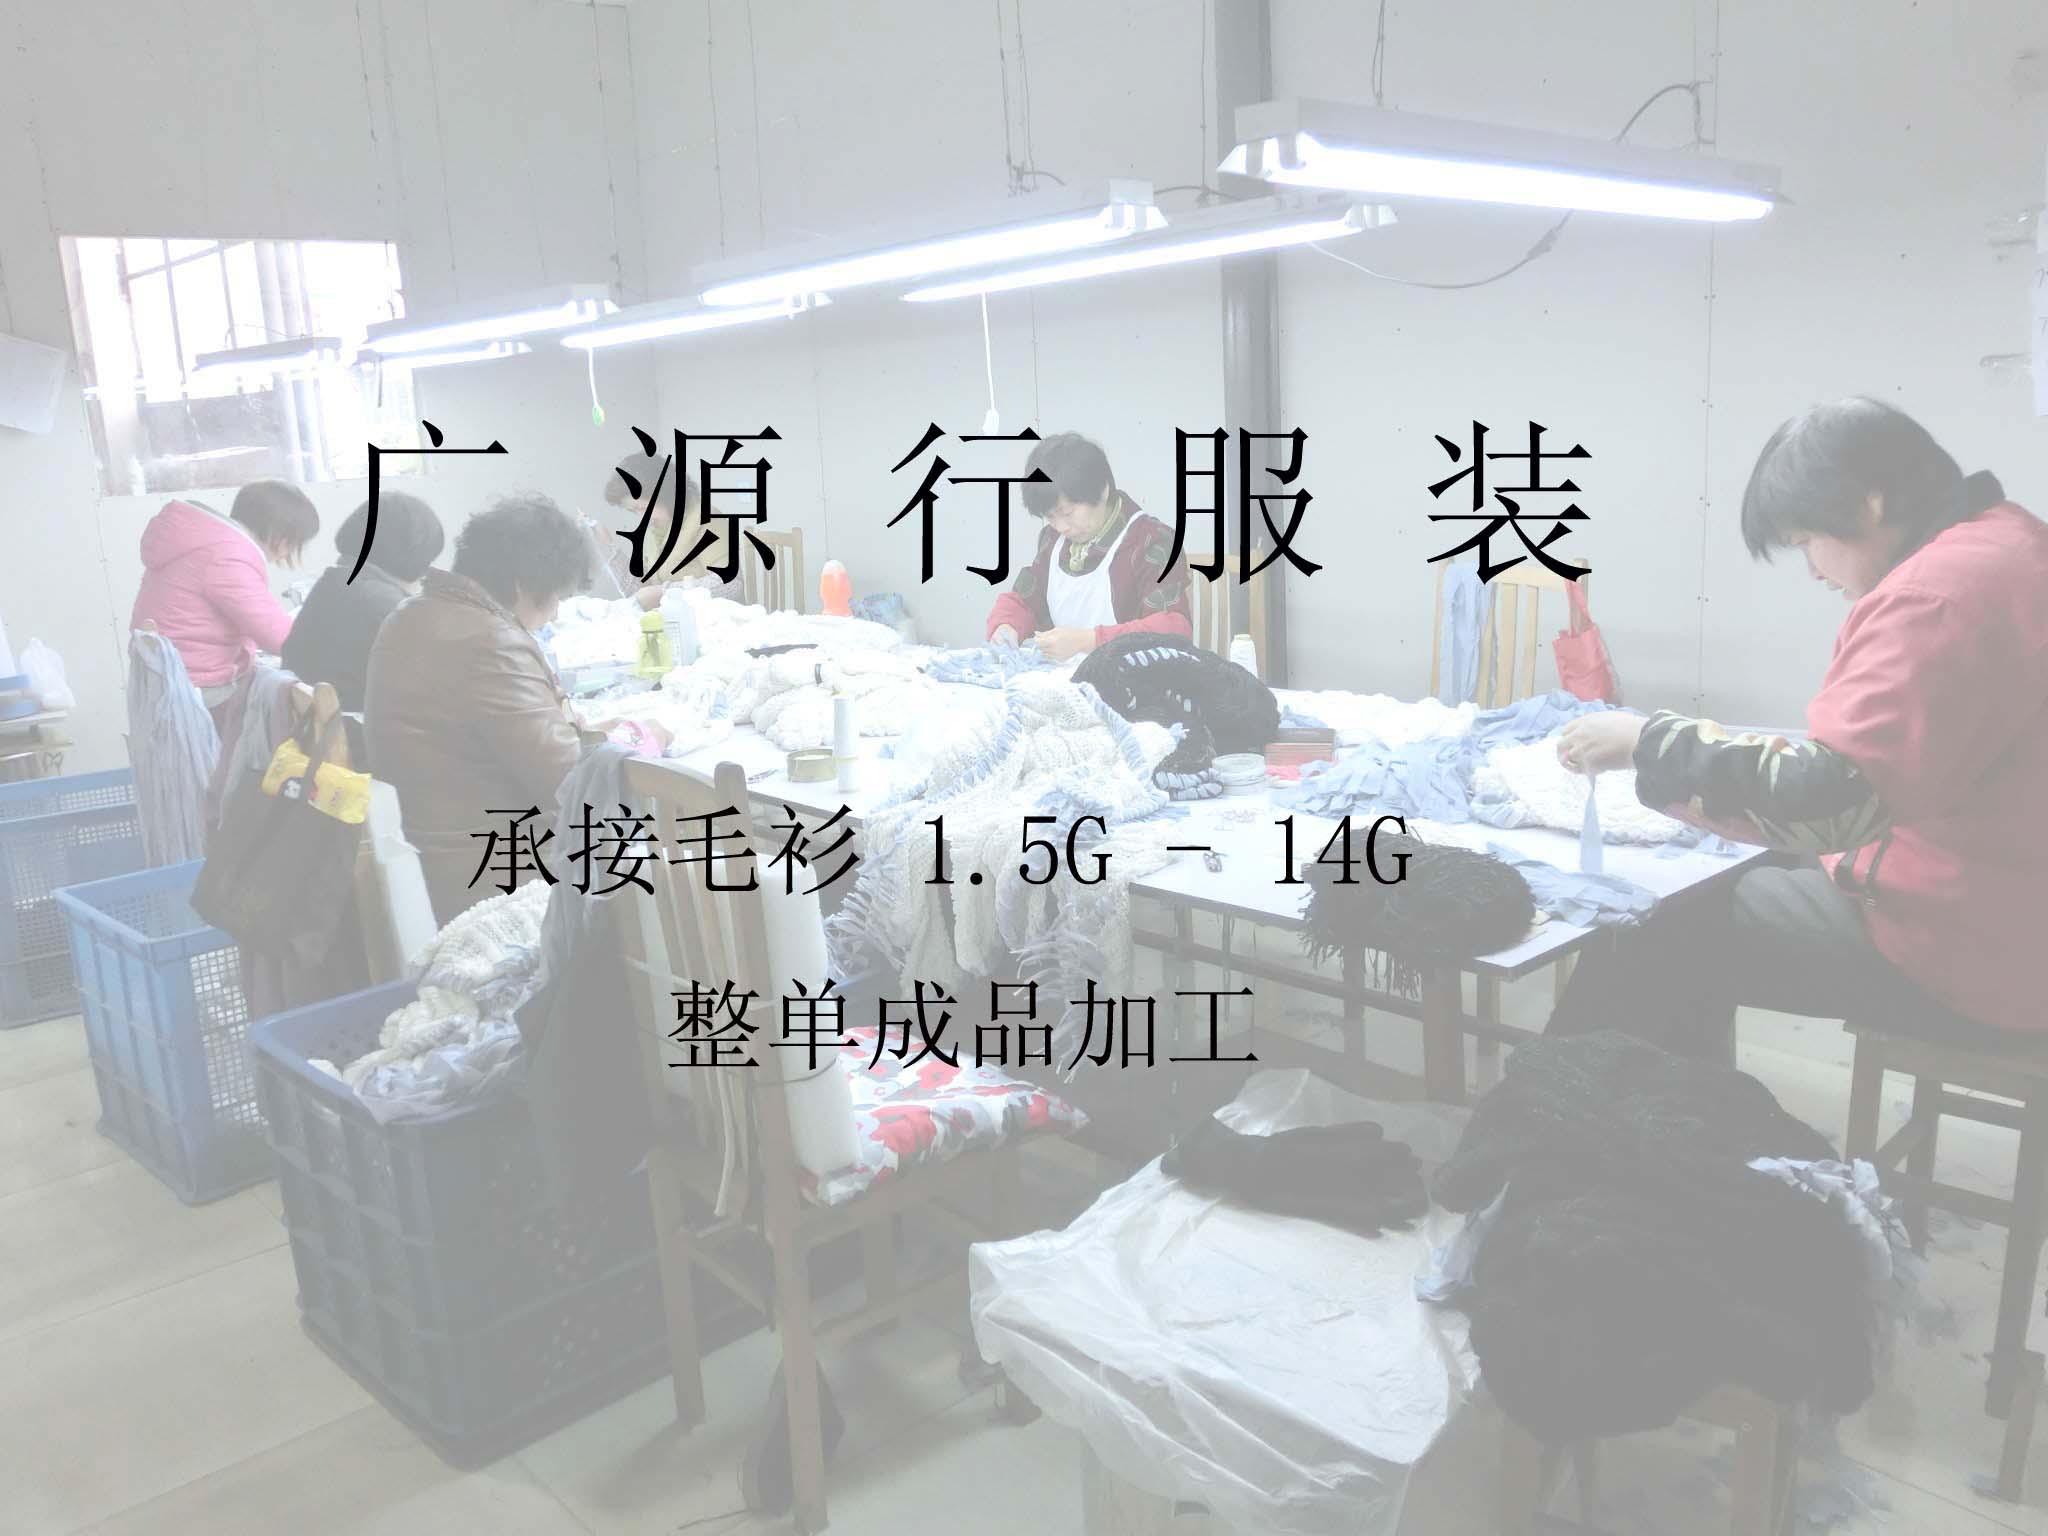 上海广源行服装厂